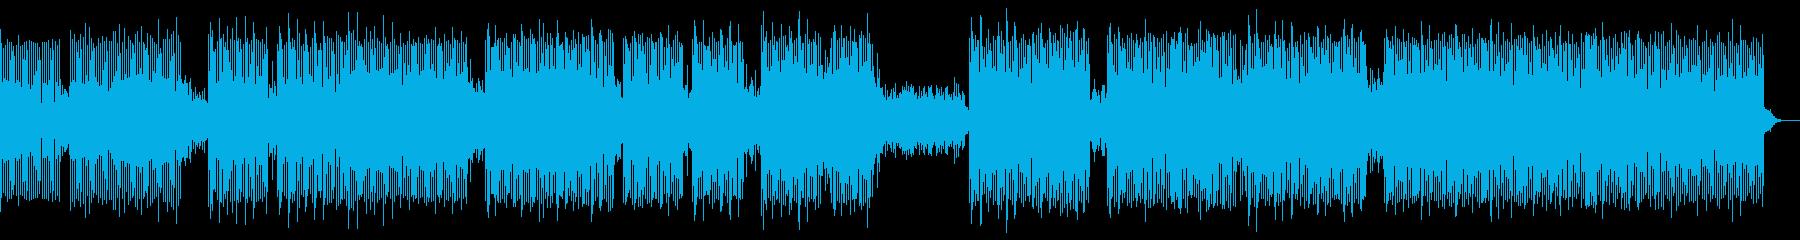 雰囲気。電子パルスと遠くのボーカルを課すの再生済みの波形